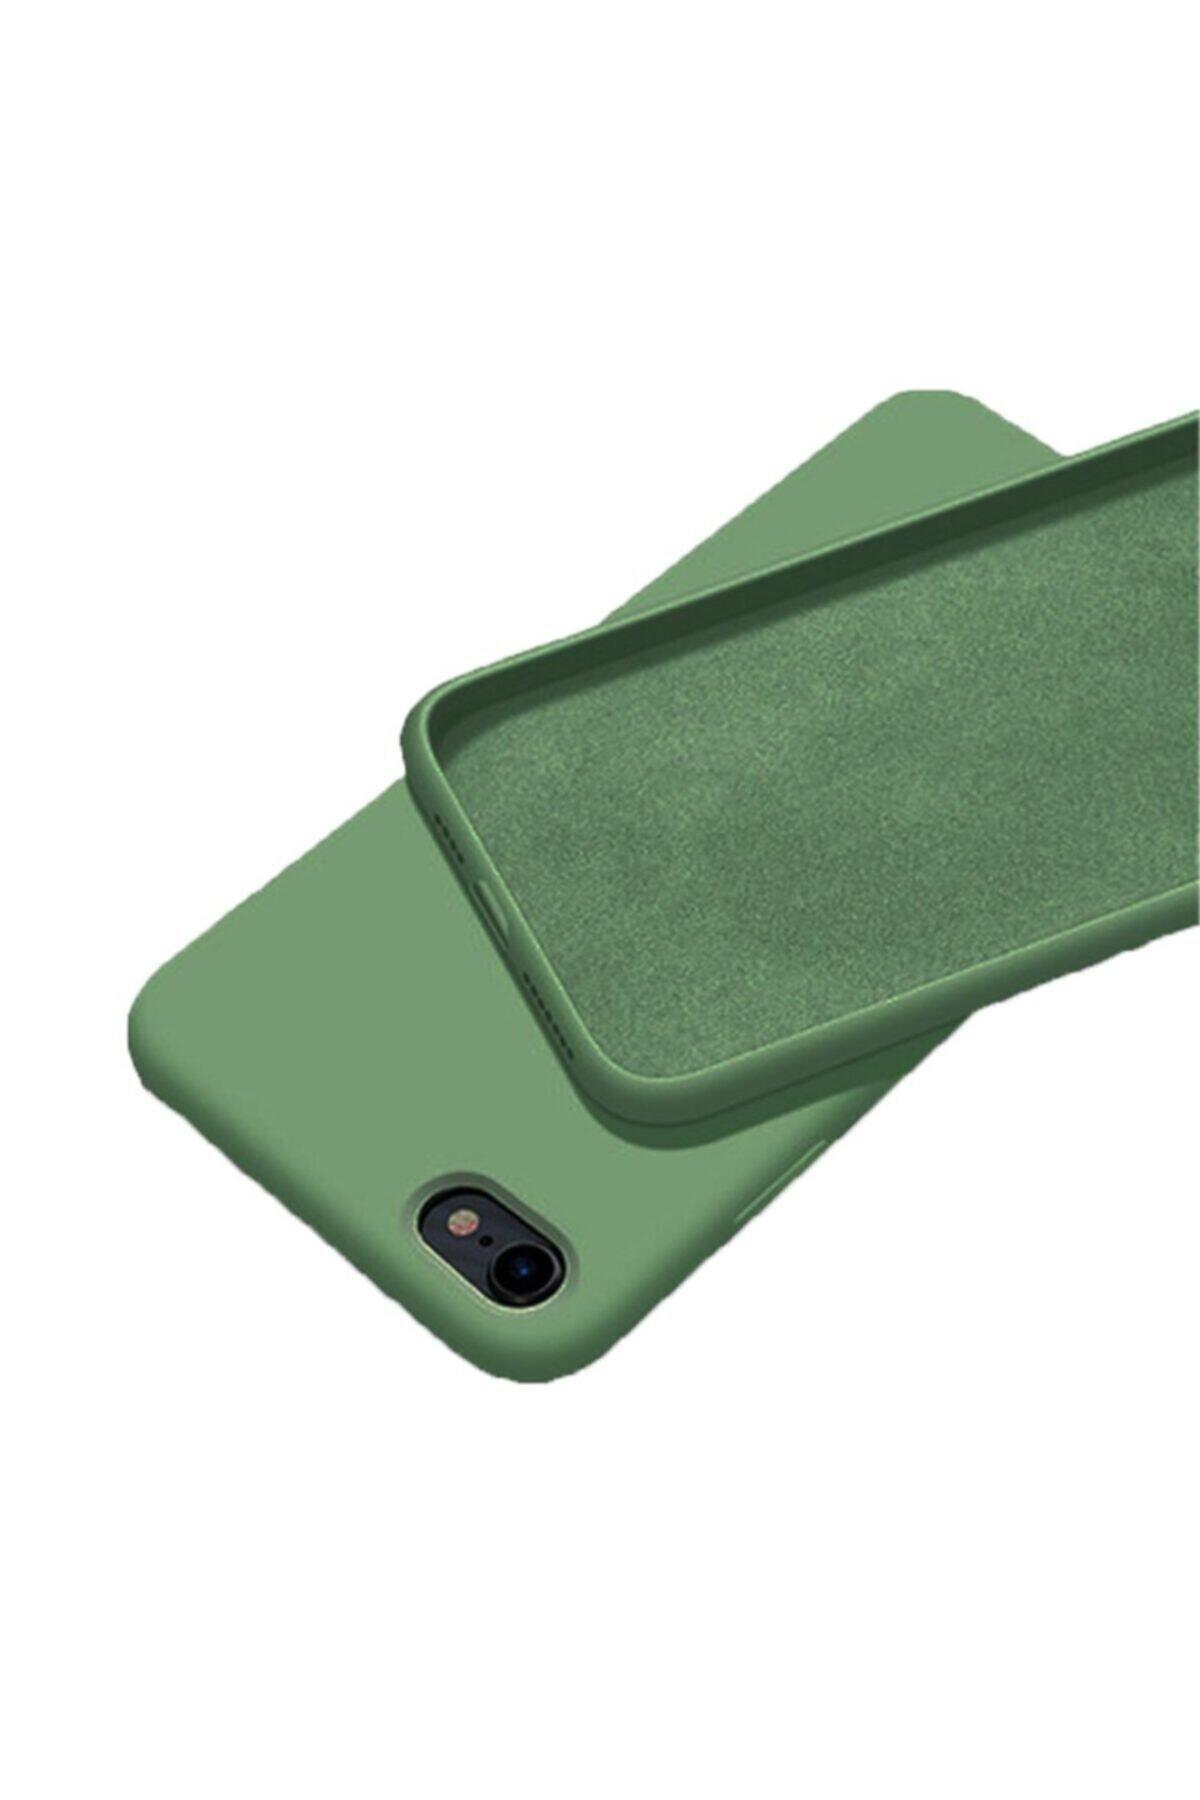 Mopal Iphone 7 / 8 Içi Kadife Lansman Silikon Kılıf 1